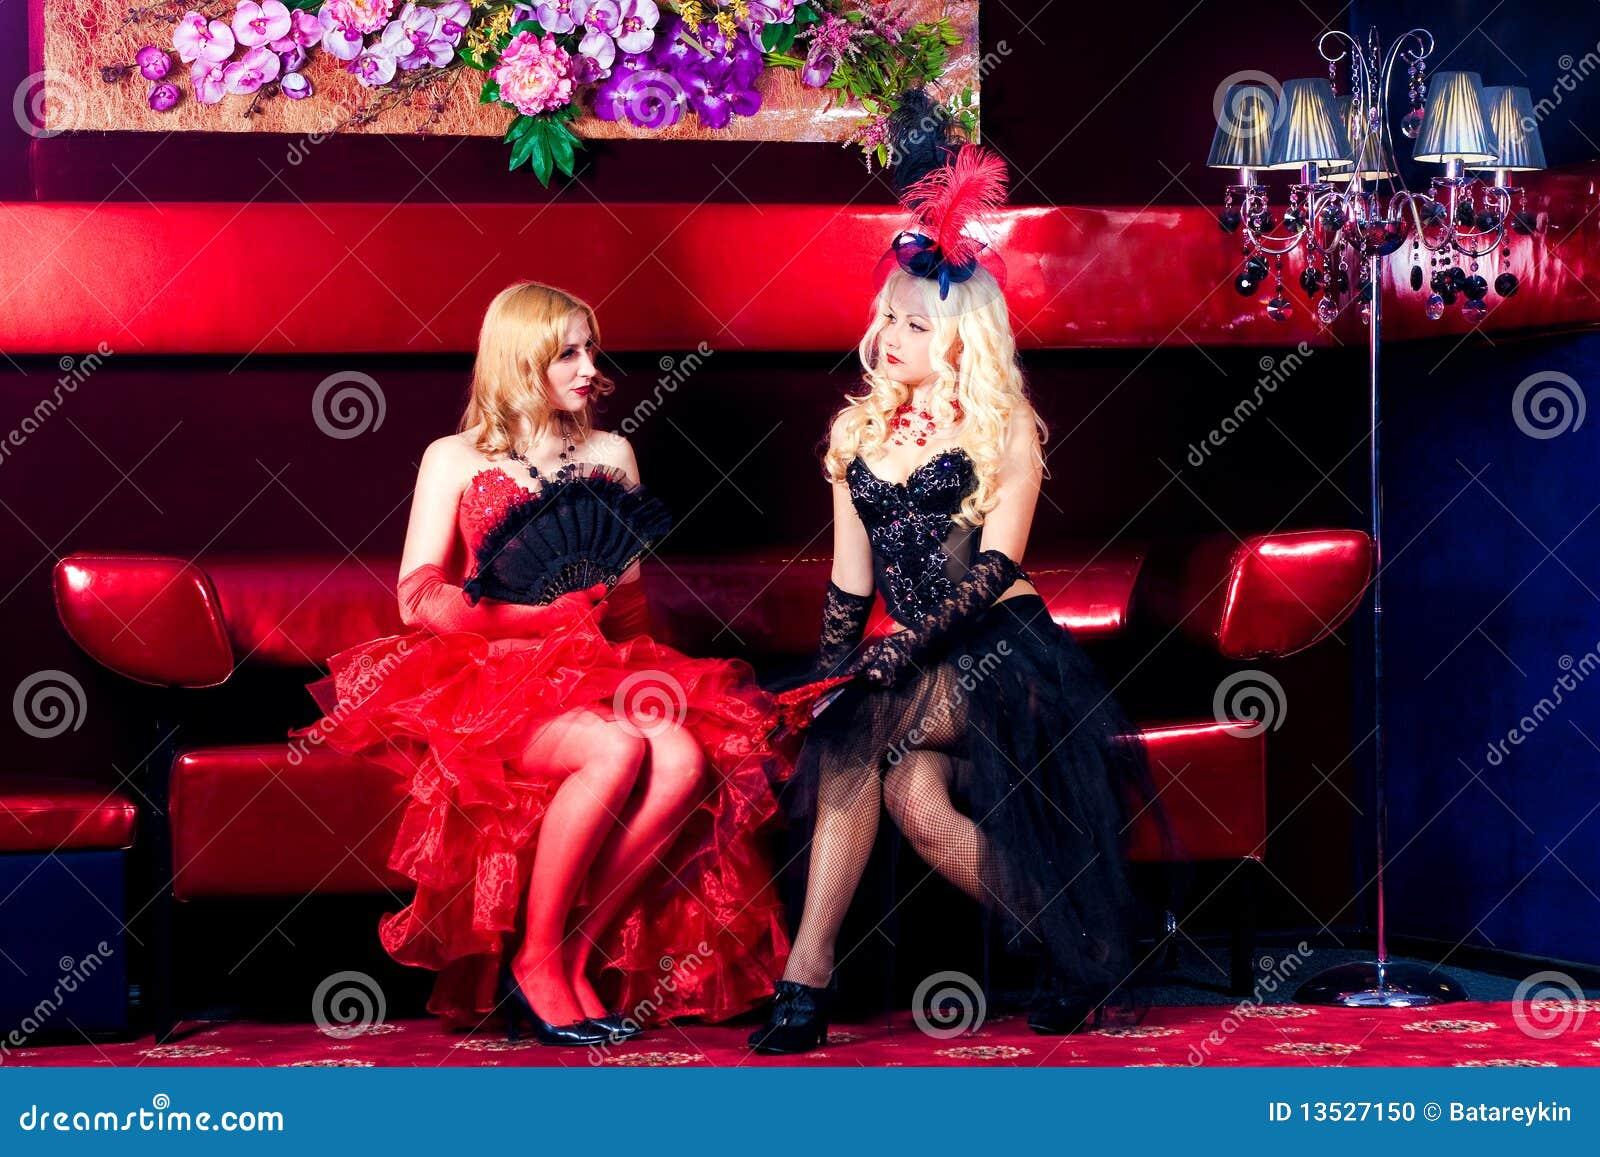 Фото русских госпожи 3 фотография